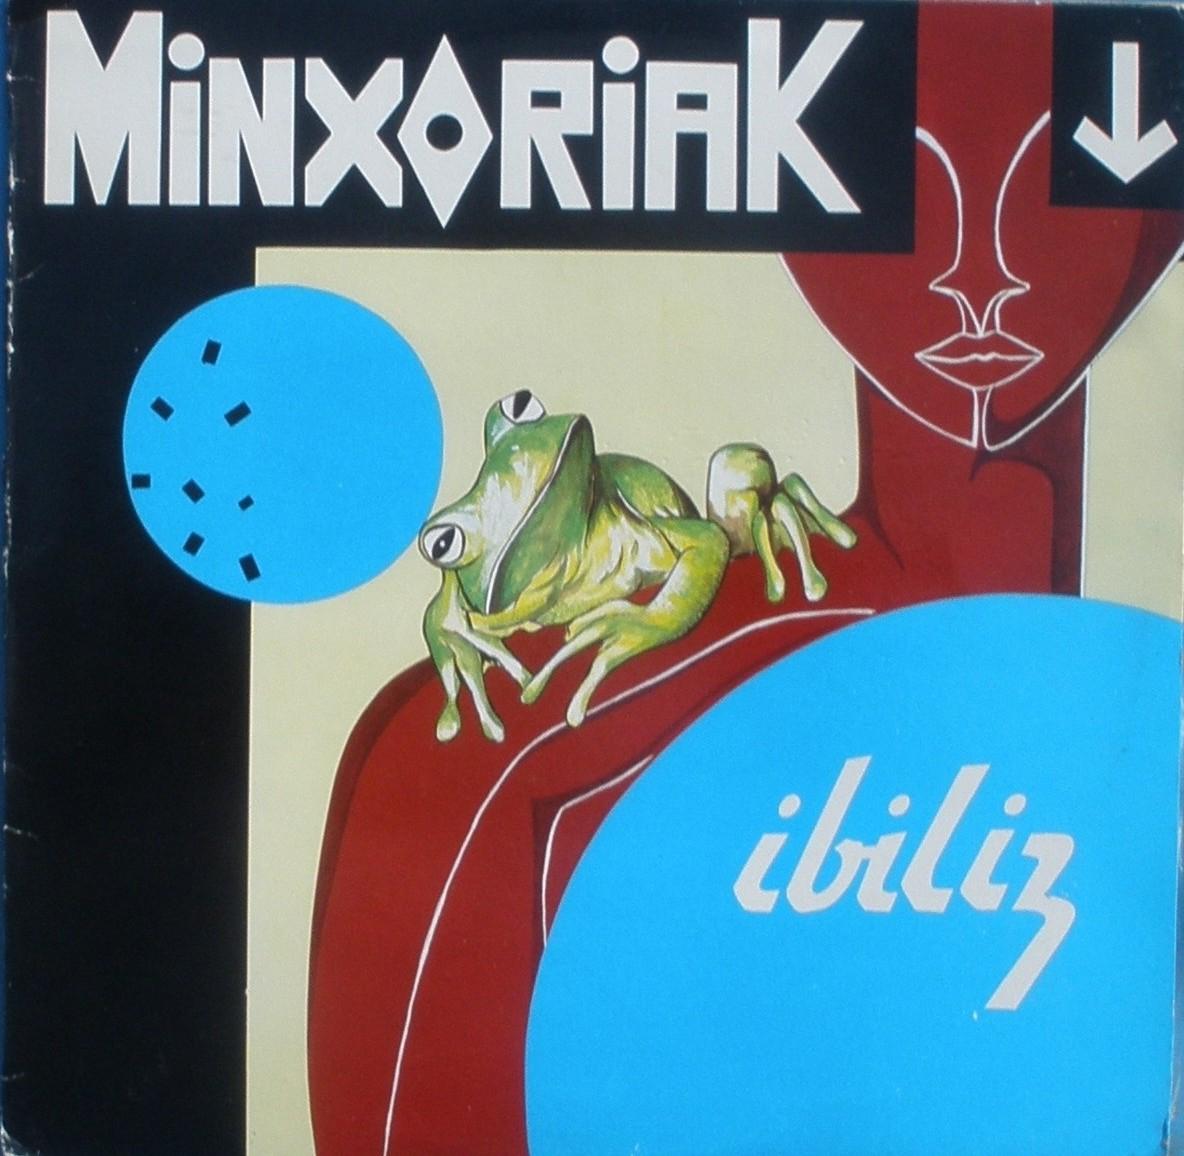 Minxoriak - Ibiliz